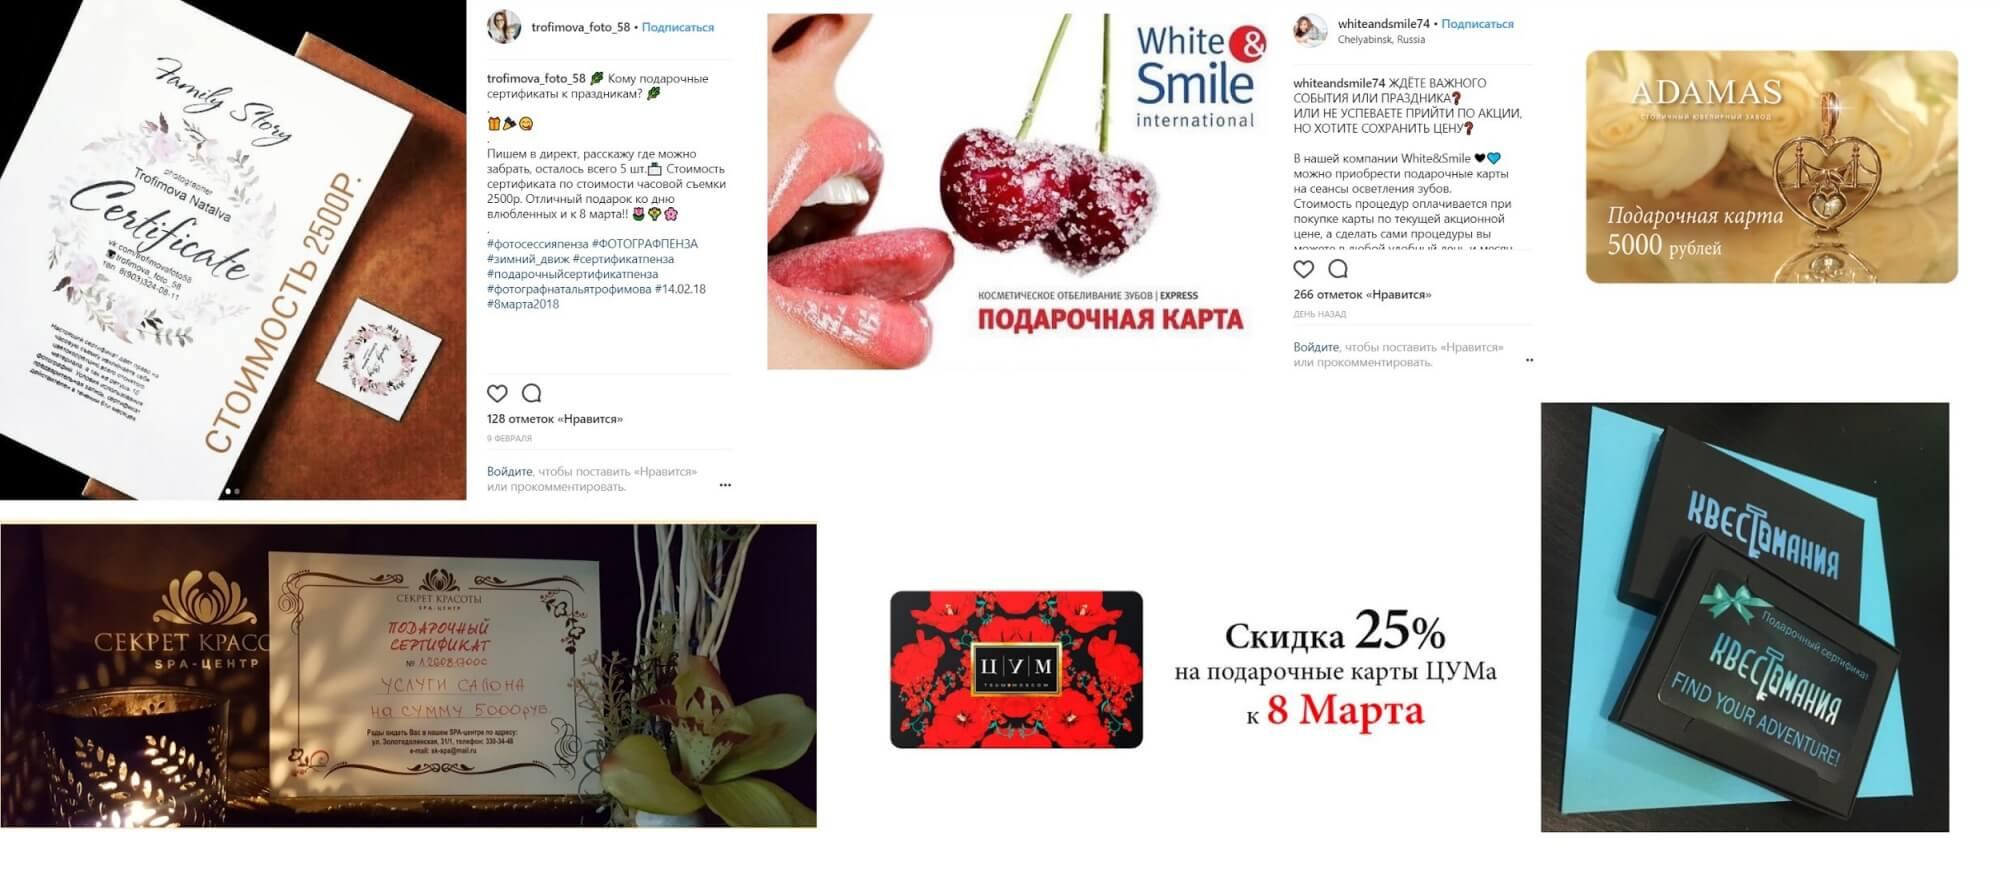 Примеры подарочных сертификатов.jpg